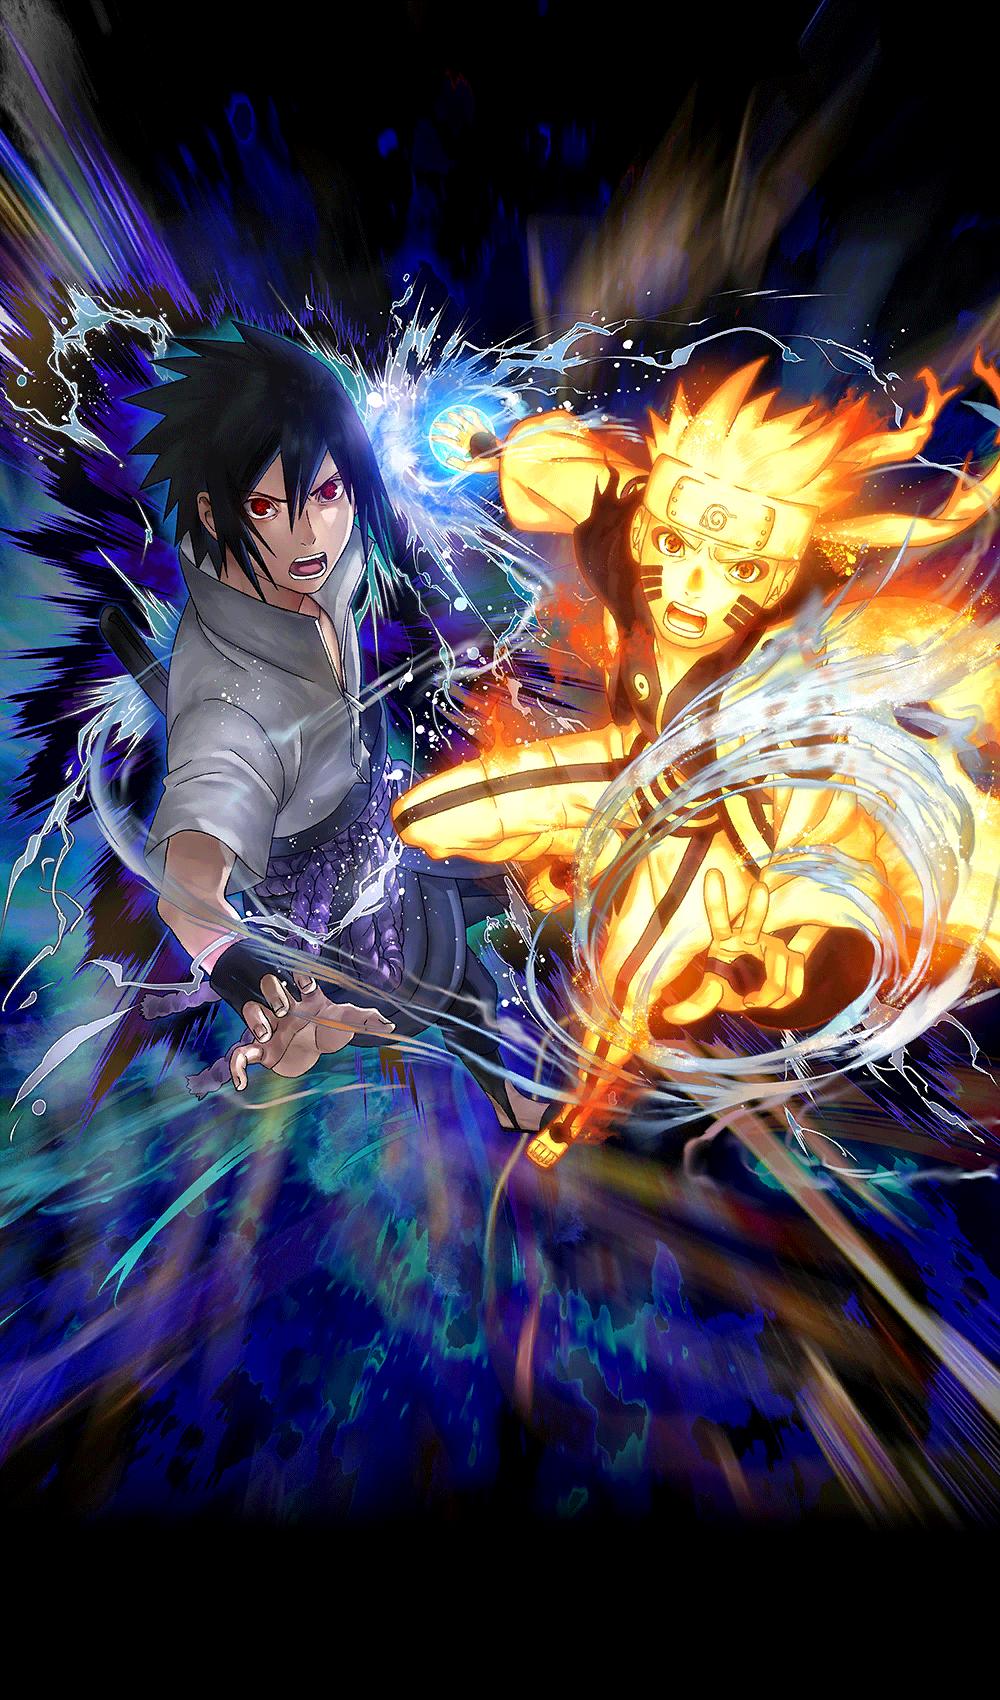 Sasuke Naruto Kurama Bg U Ninja Blazing By Maxiuchiha22 On Deviantart Wallpaper Naruto Shippuden Naruto Uzumaki Art Naruto Drawings